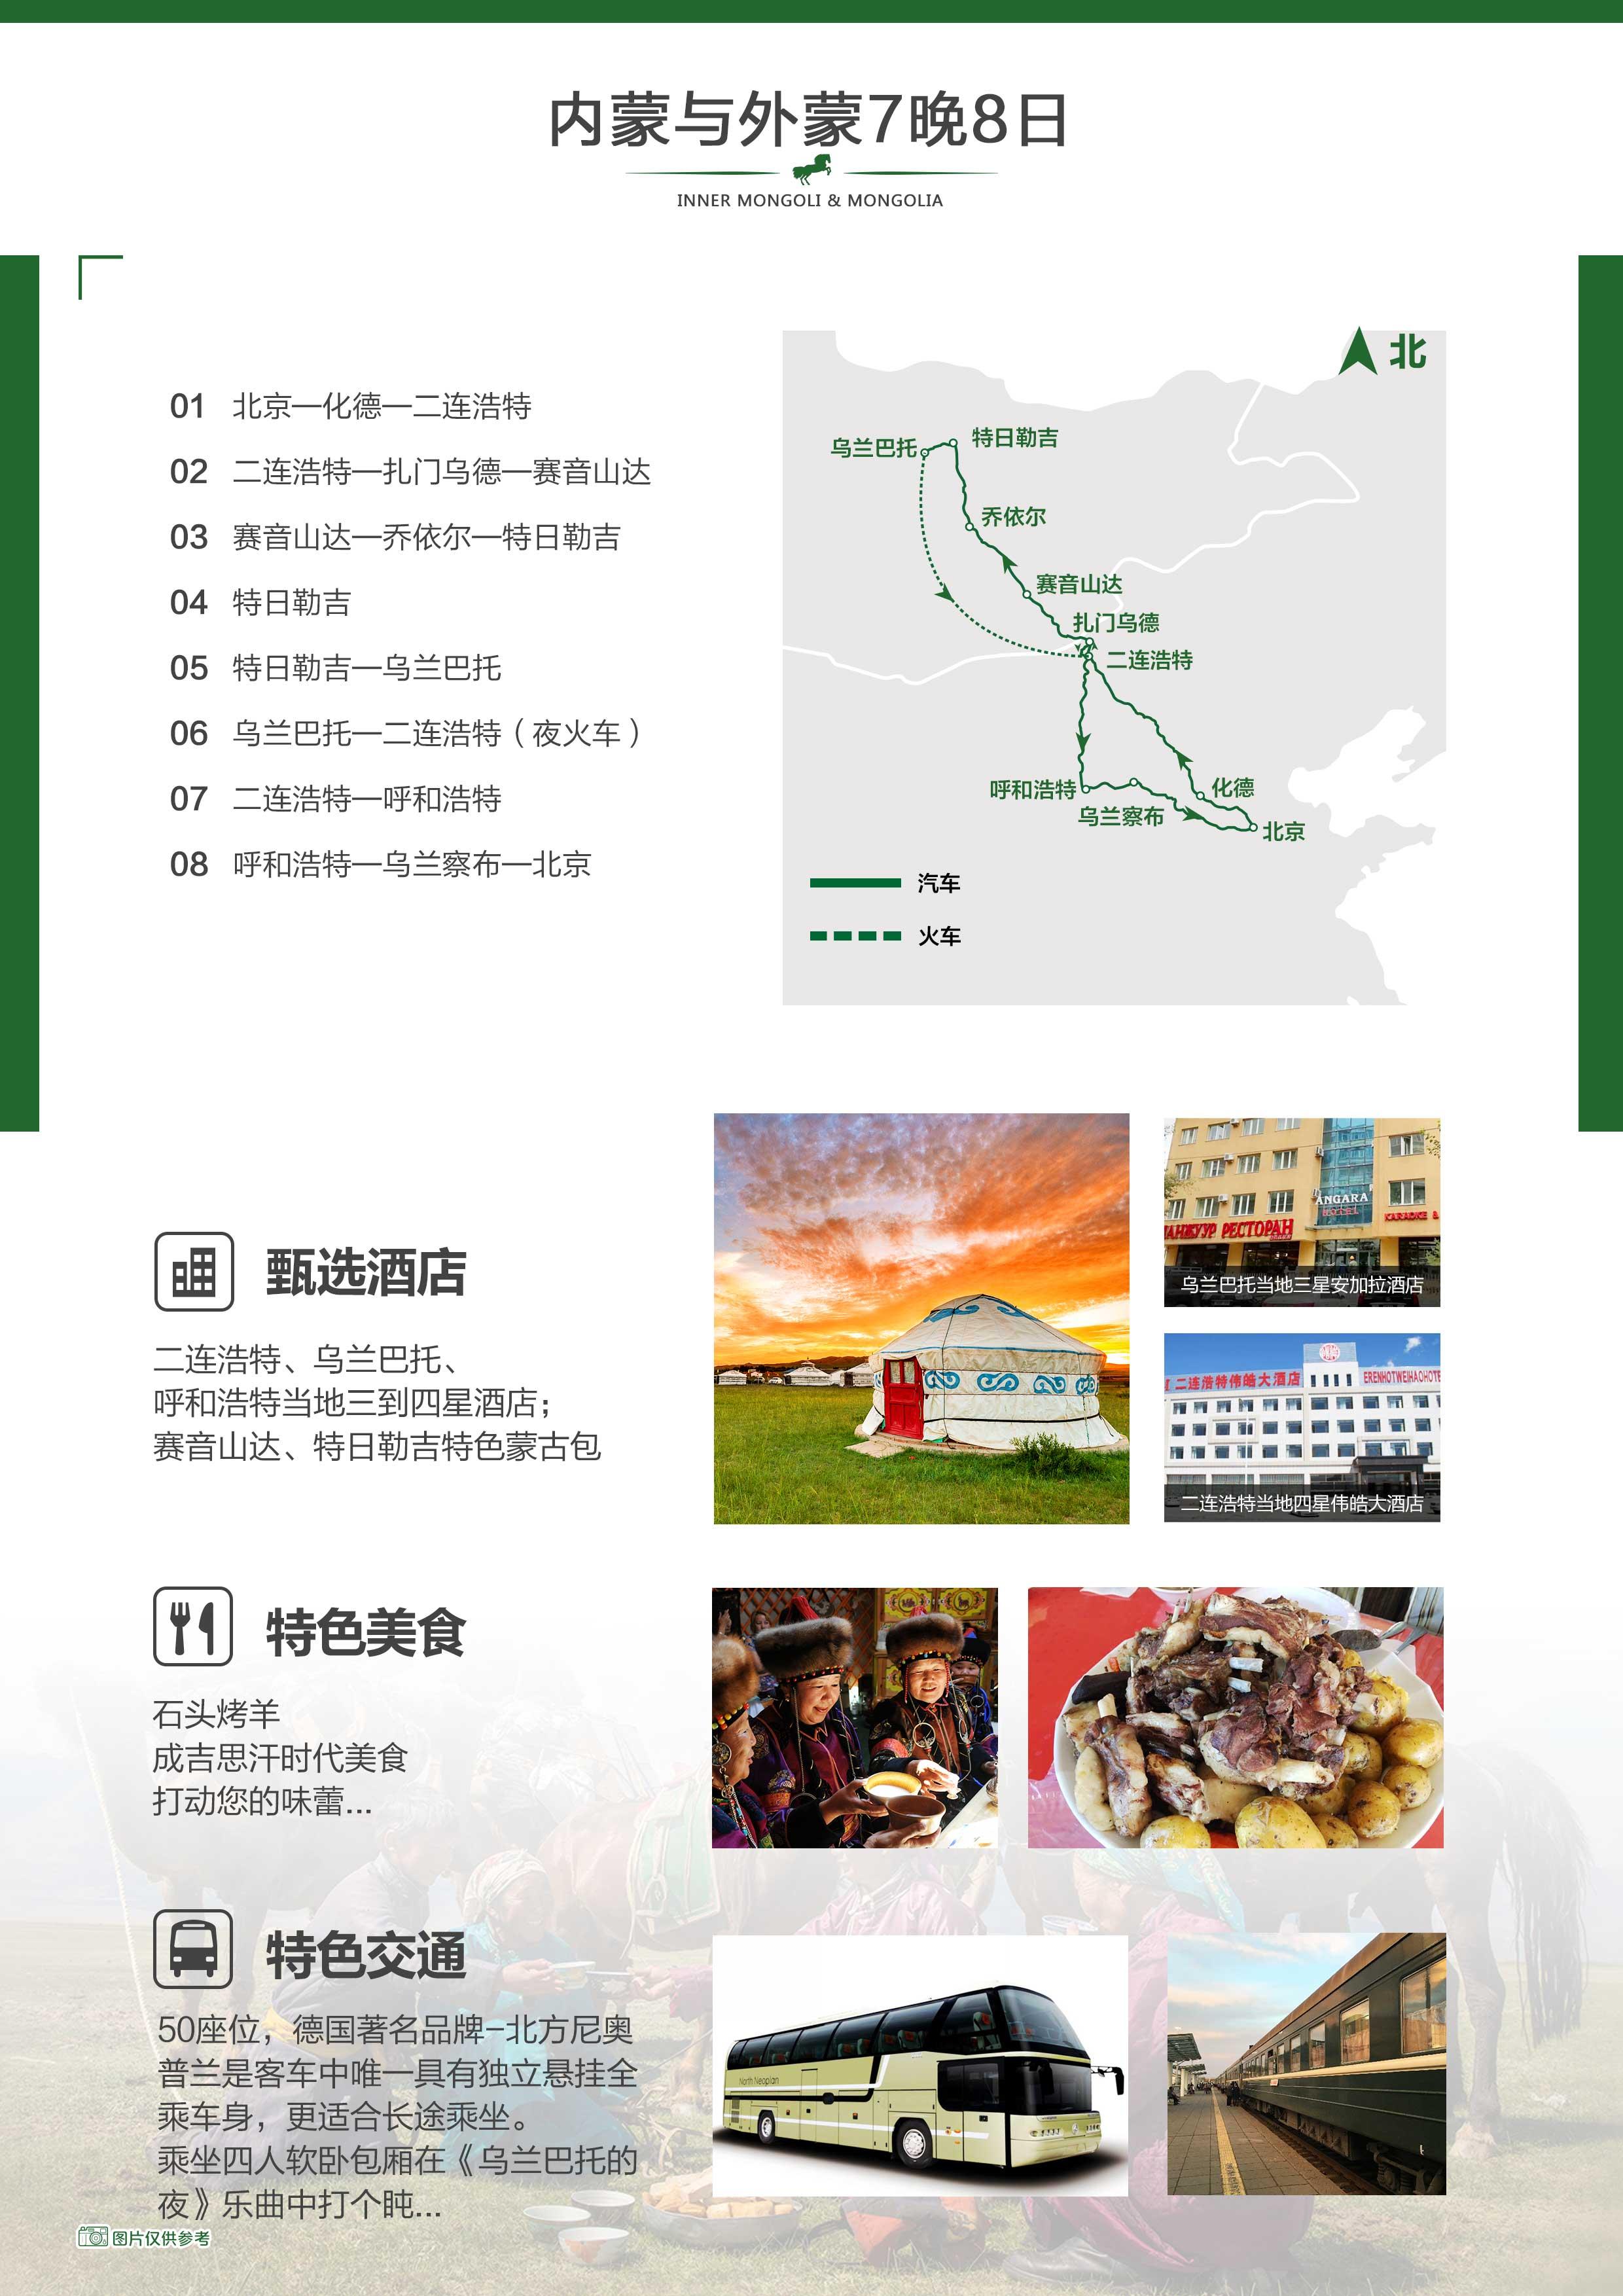 蒙古*行程封面2.jpg